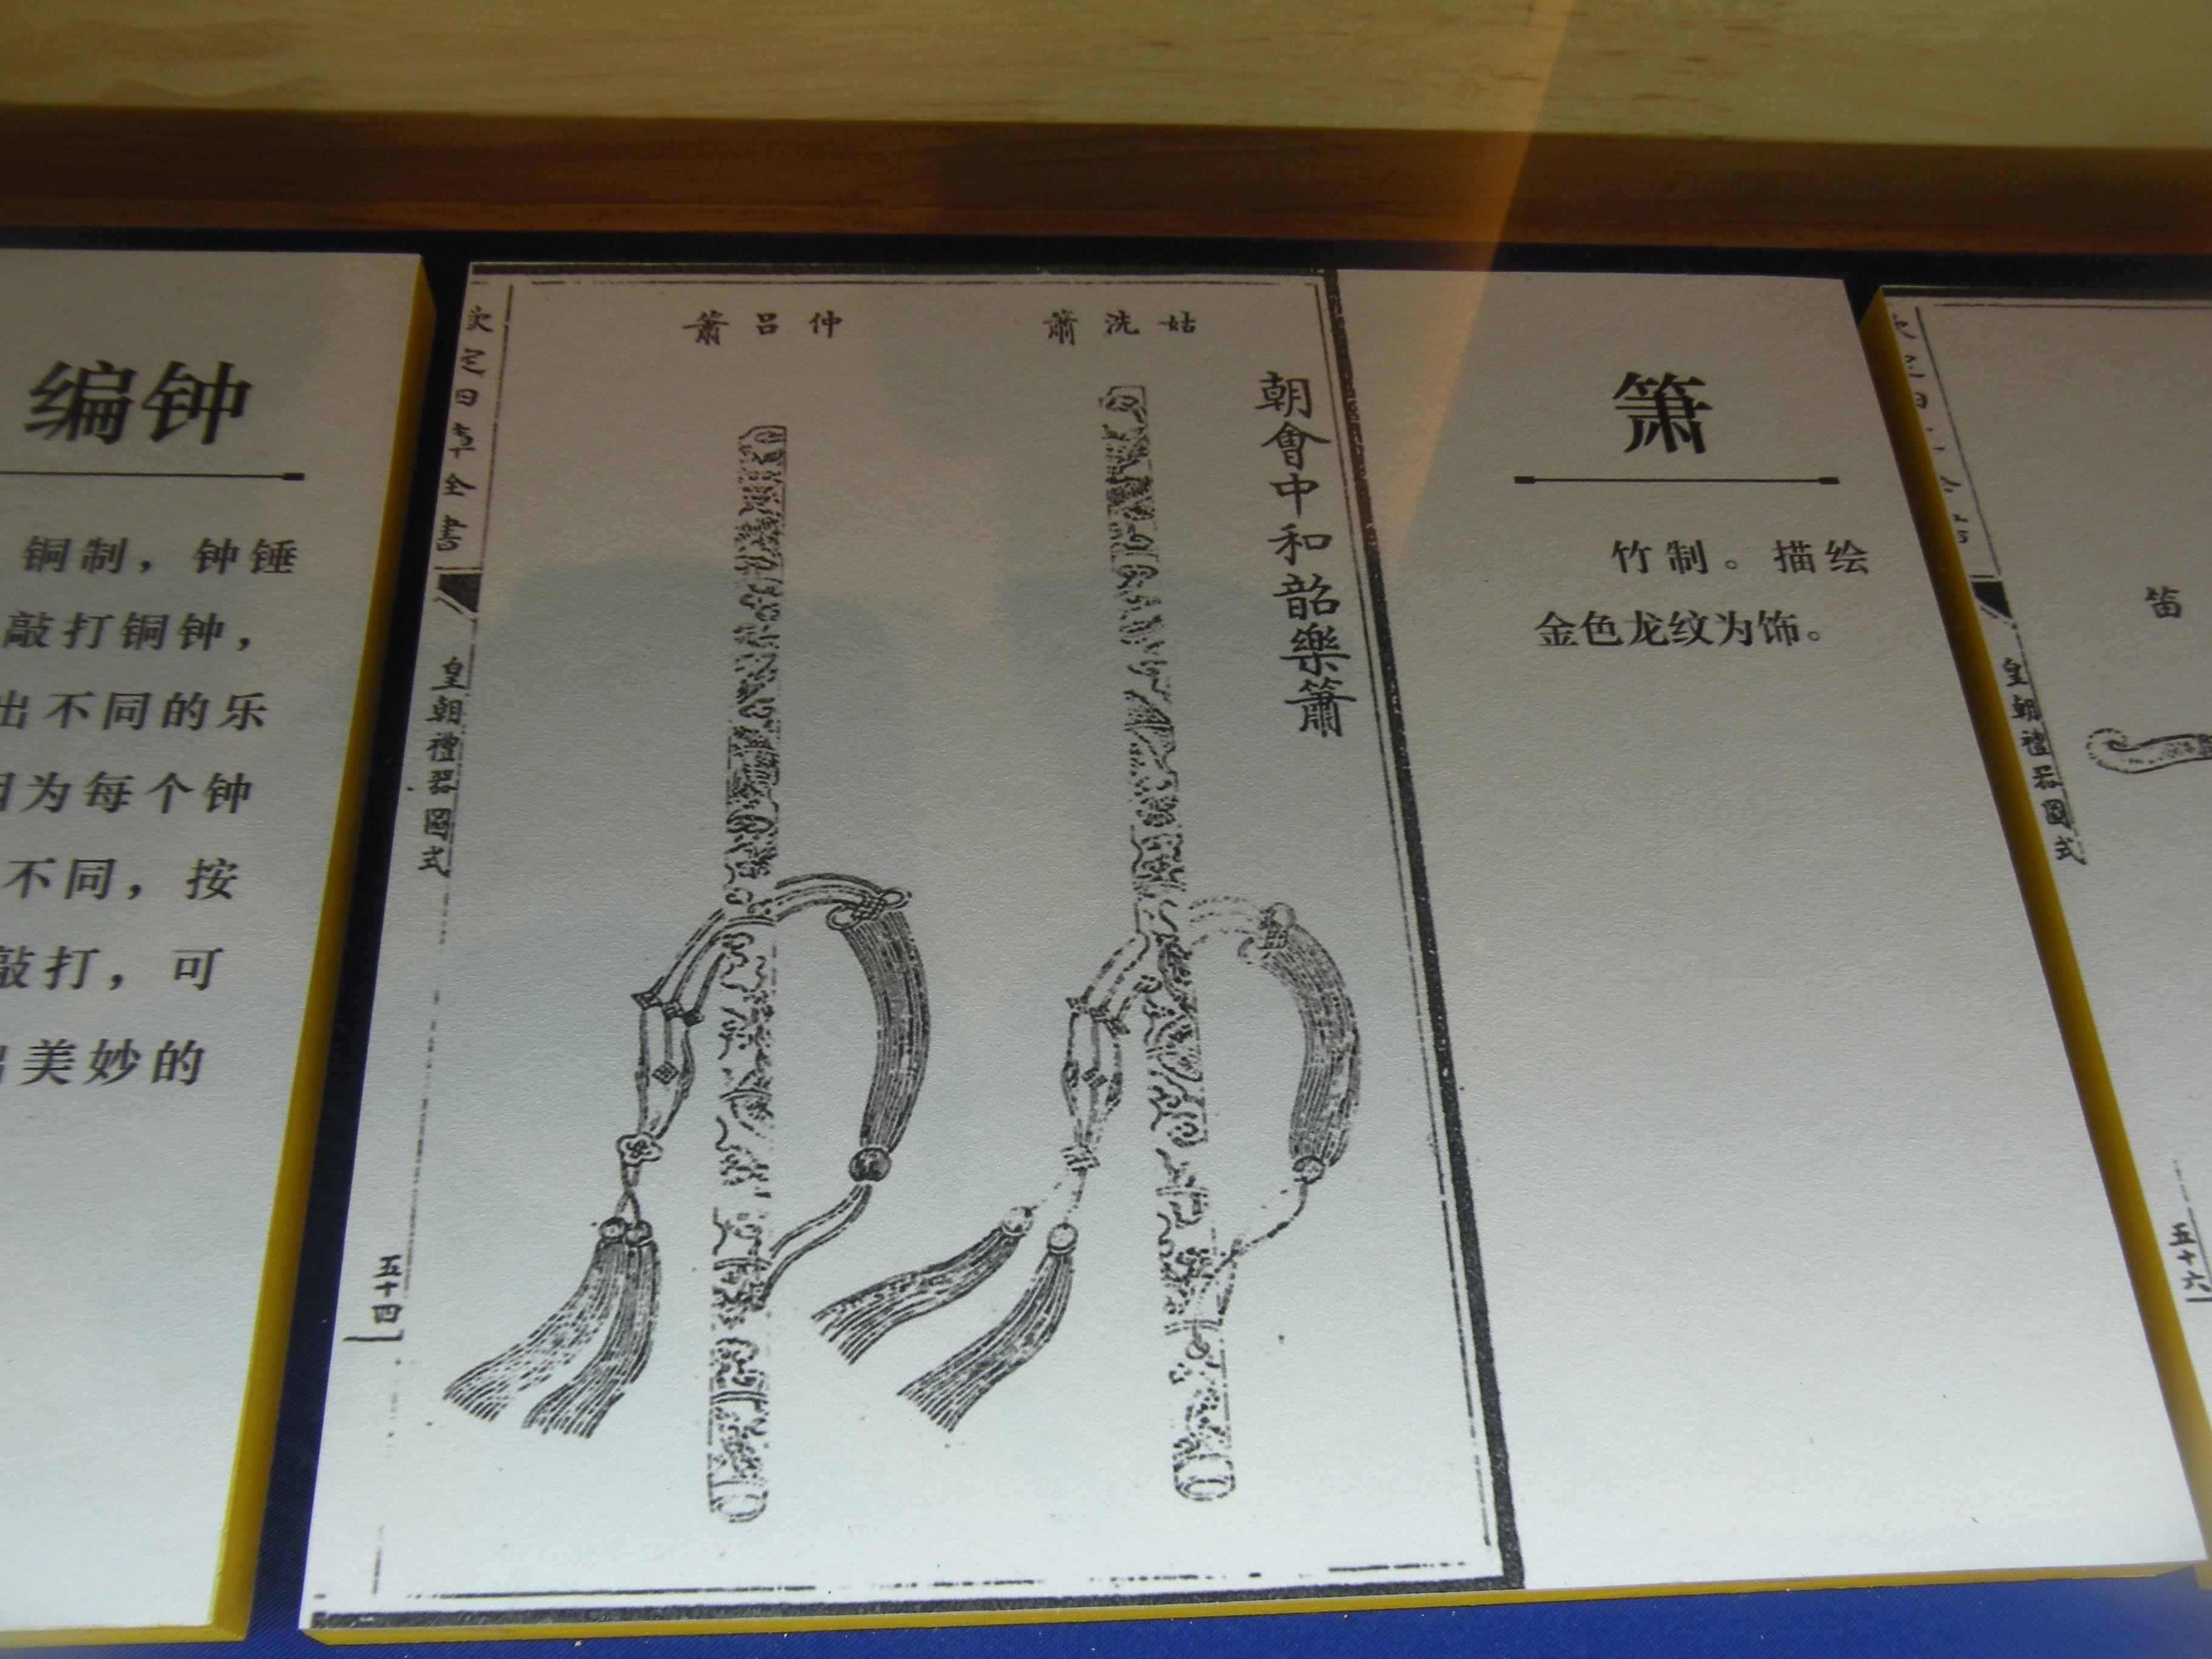 DSCN7305.JPG